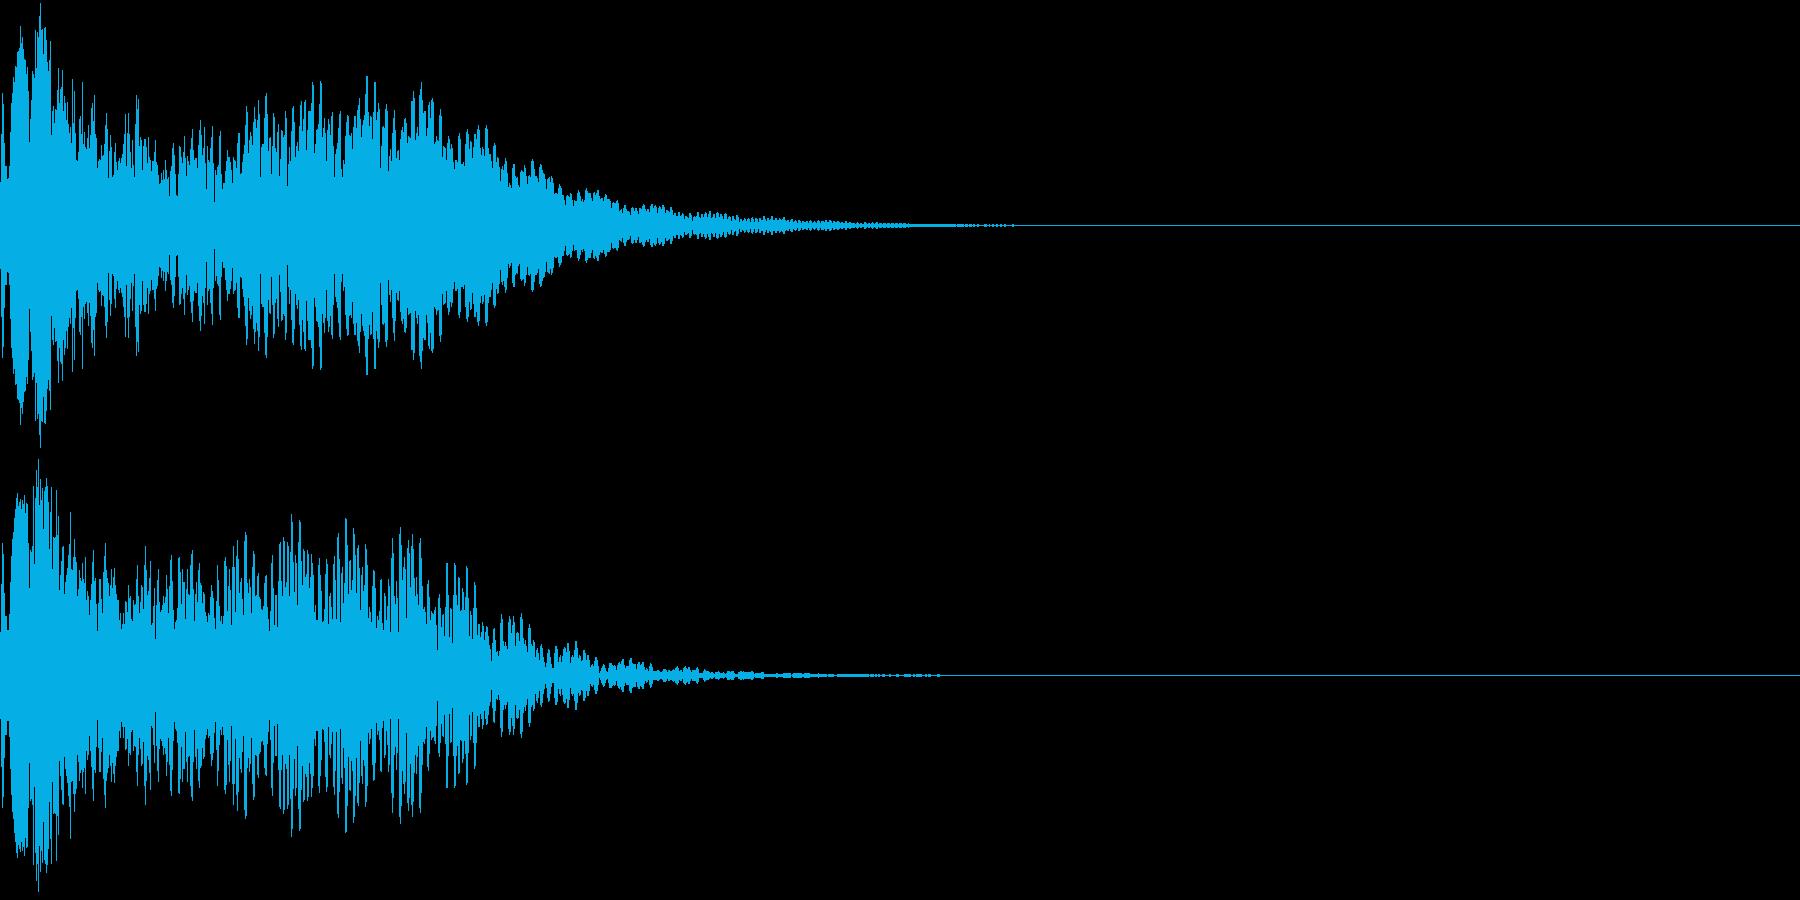 キュイン 光 ピカーン フラッシュ 15の再生済みの波形